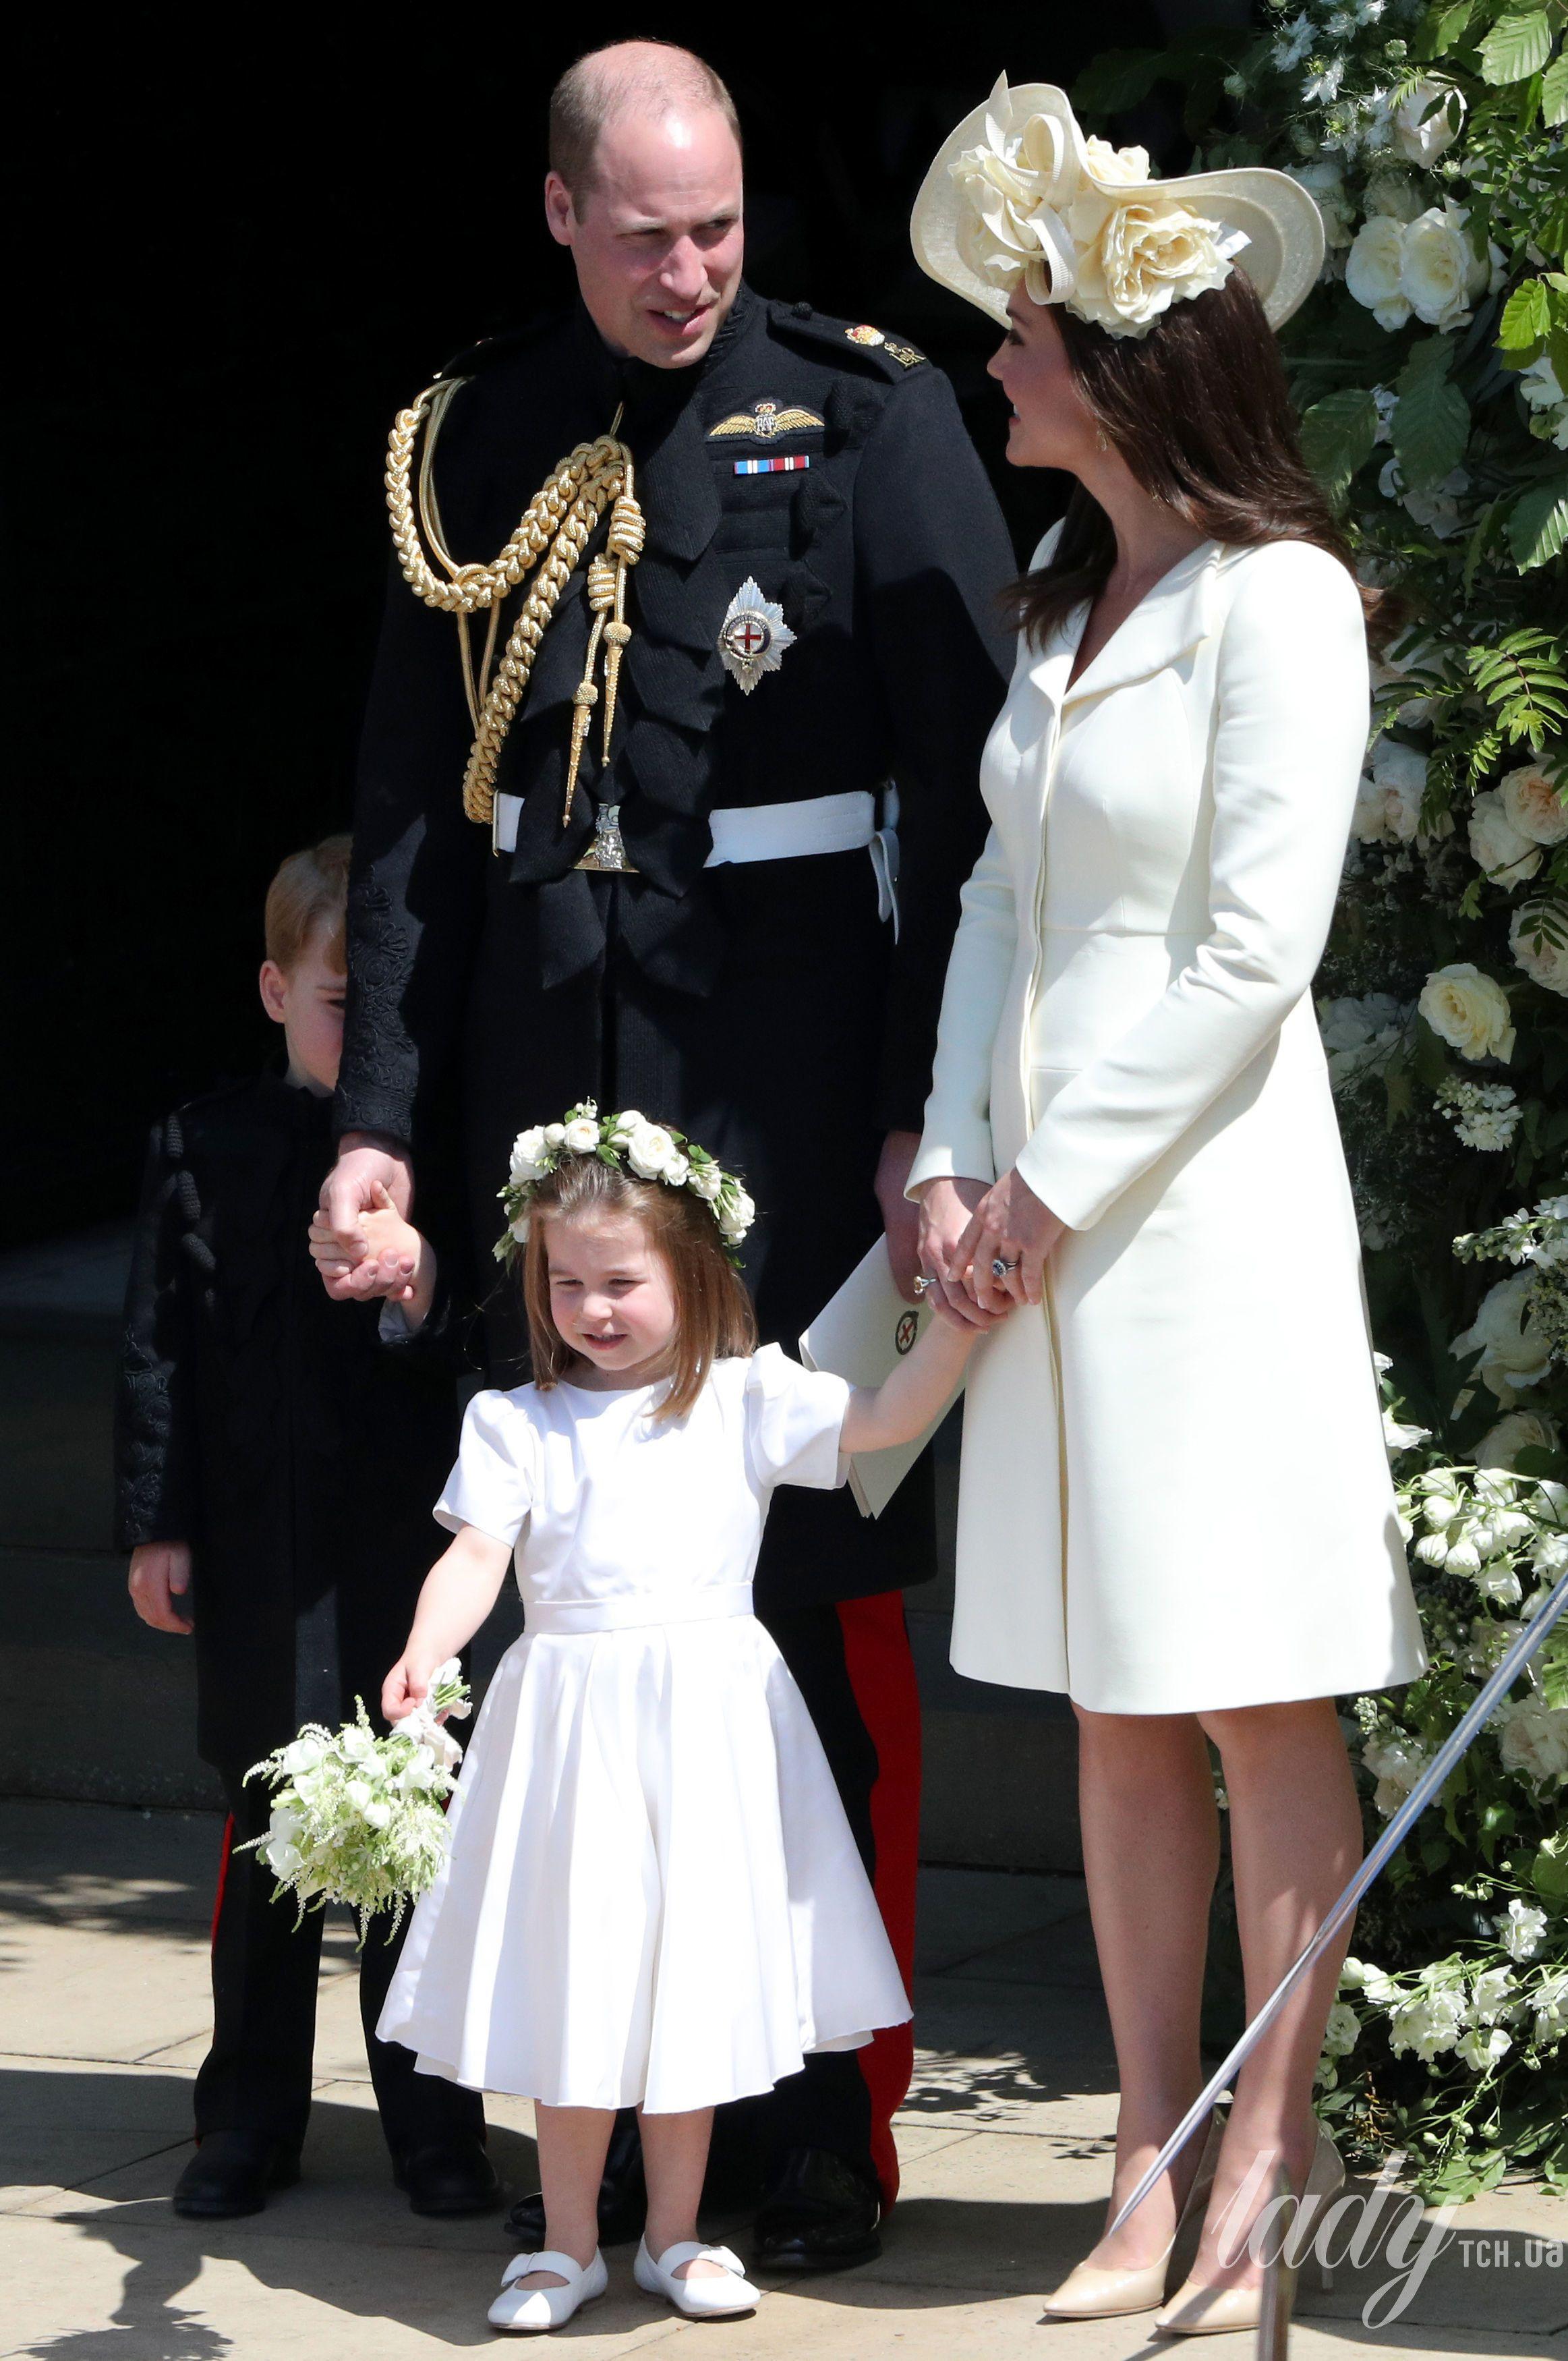 Смотреть Герцогиня Кембриджская в роли няни на свадьбе сестры (фото) видео